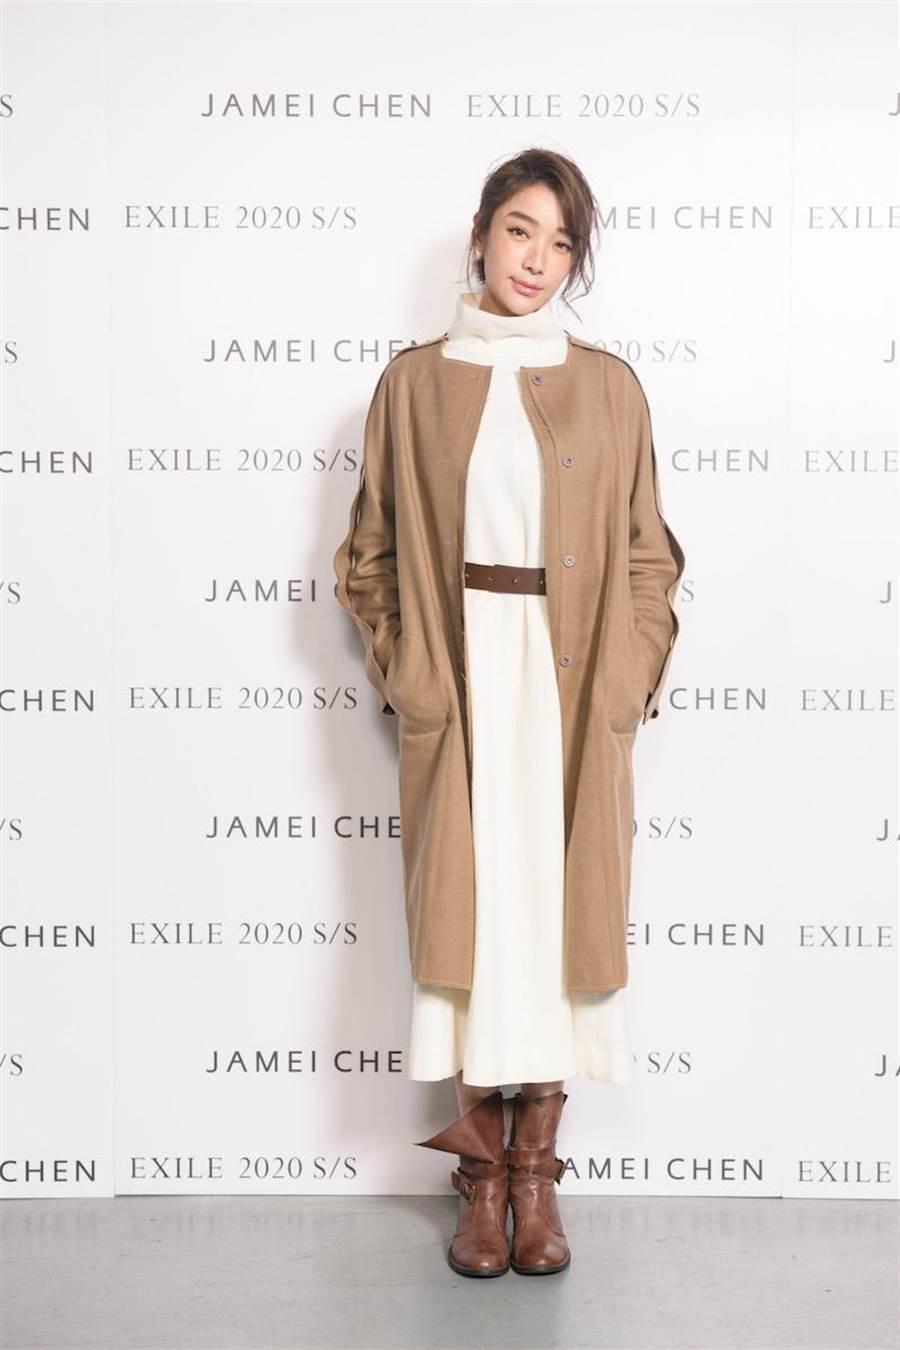 蔡淑臻觀賞JAMEI CHEN的2020春夏新作。(伊林提供)